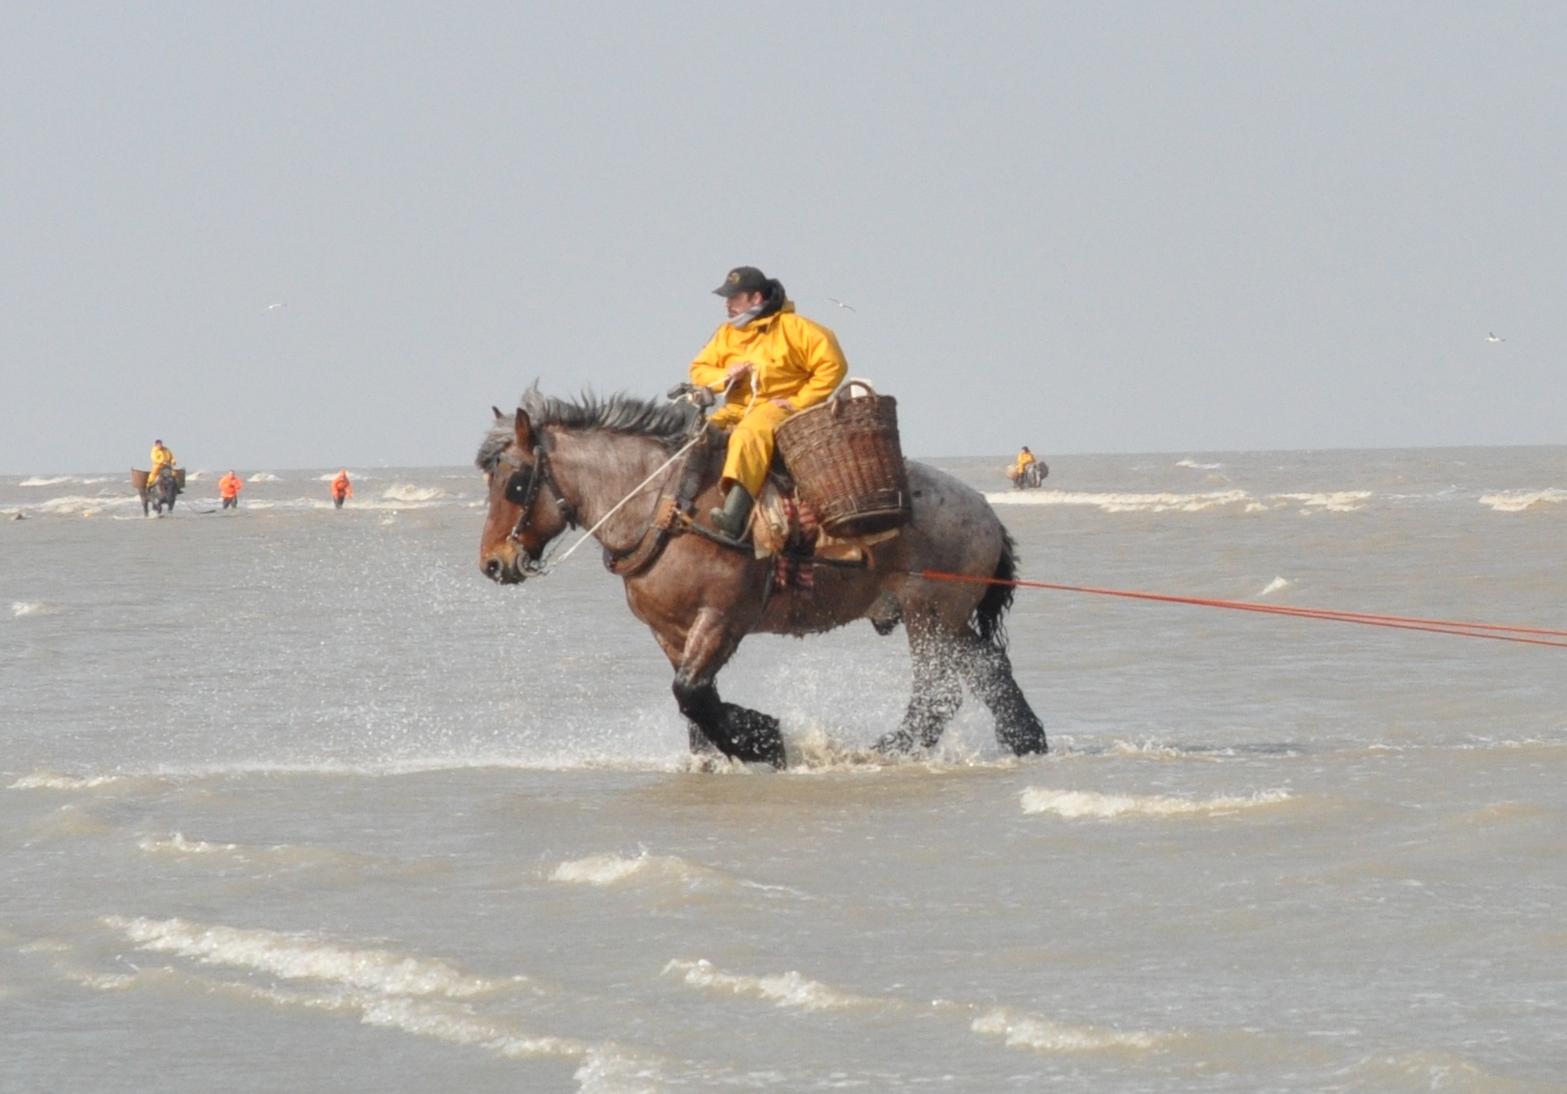 la puissance du cheval